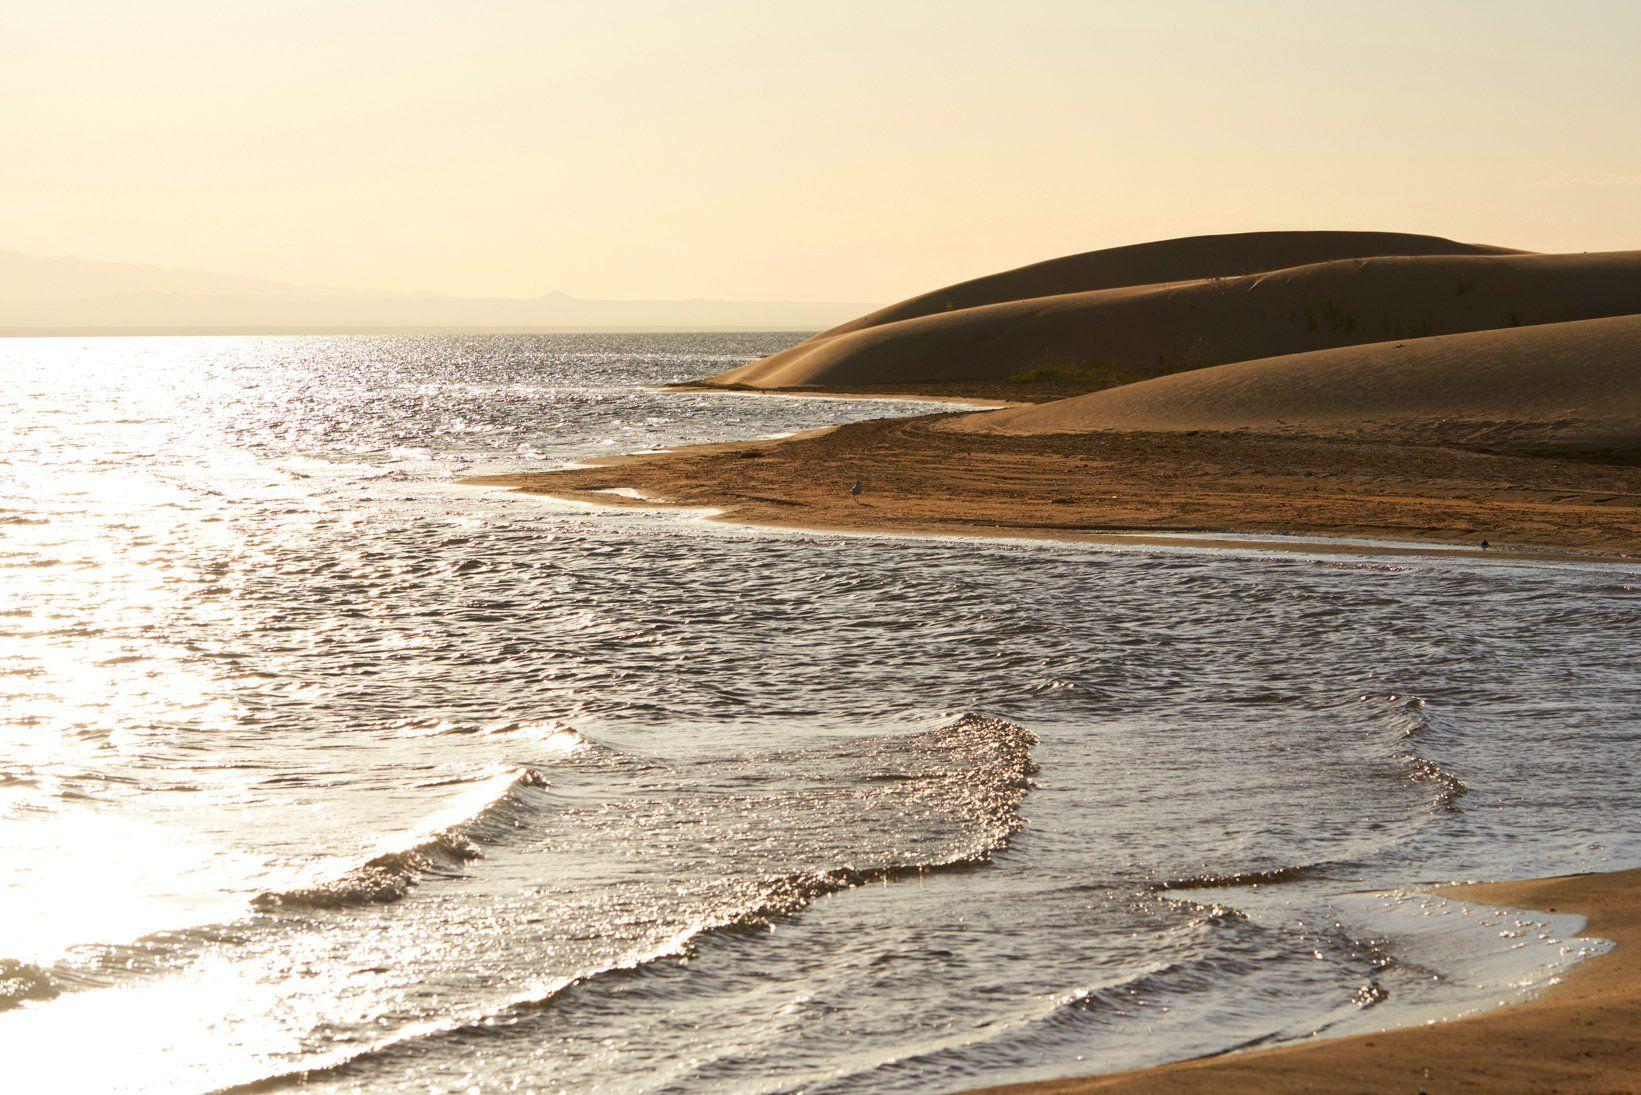 солнце, вода, песок, монголия, Сергей Романчук